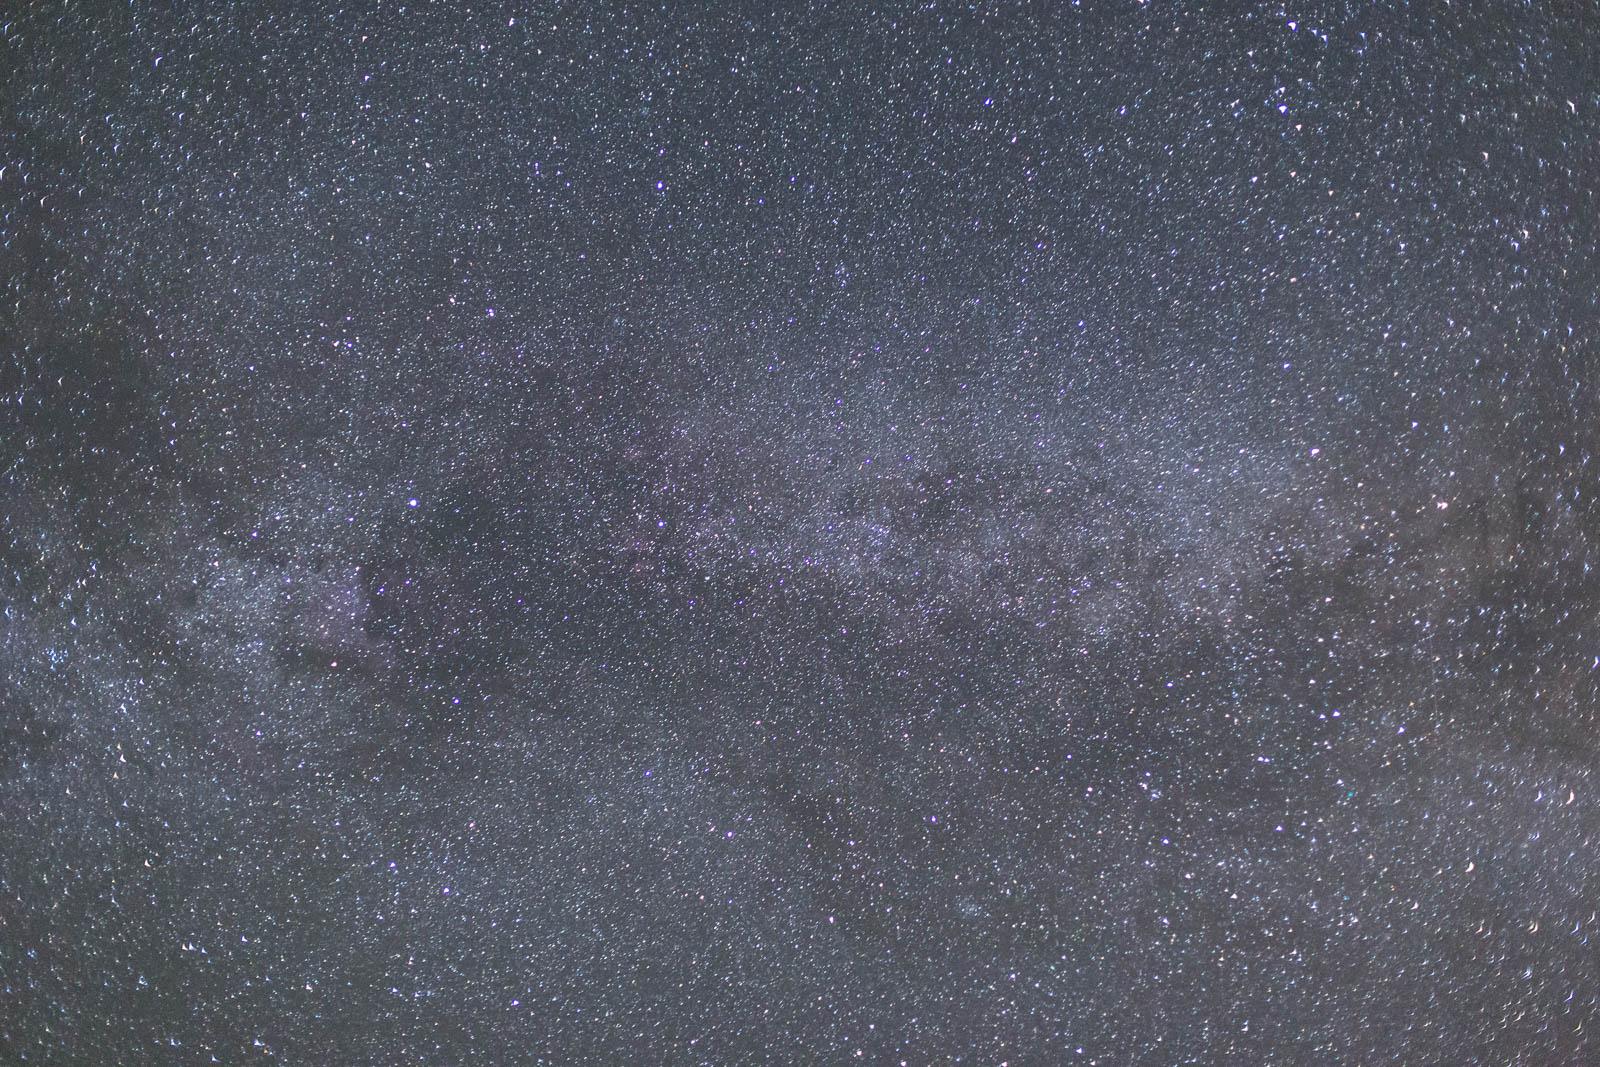 Hattyú csillagkép 50mm-s objektívvel fényképezve